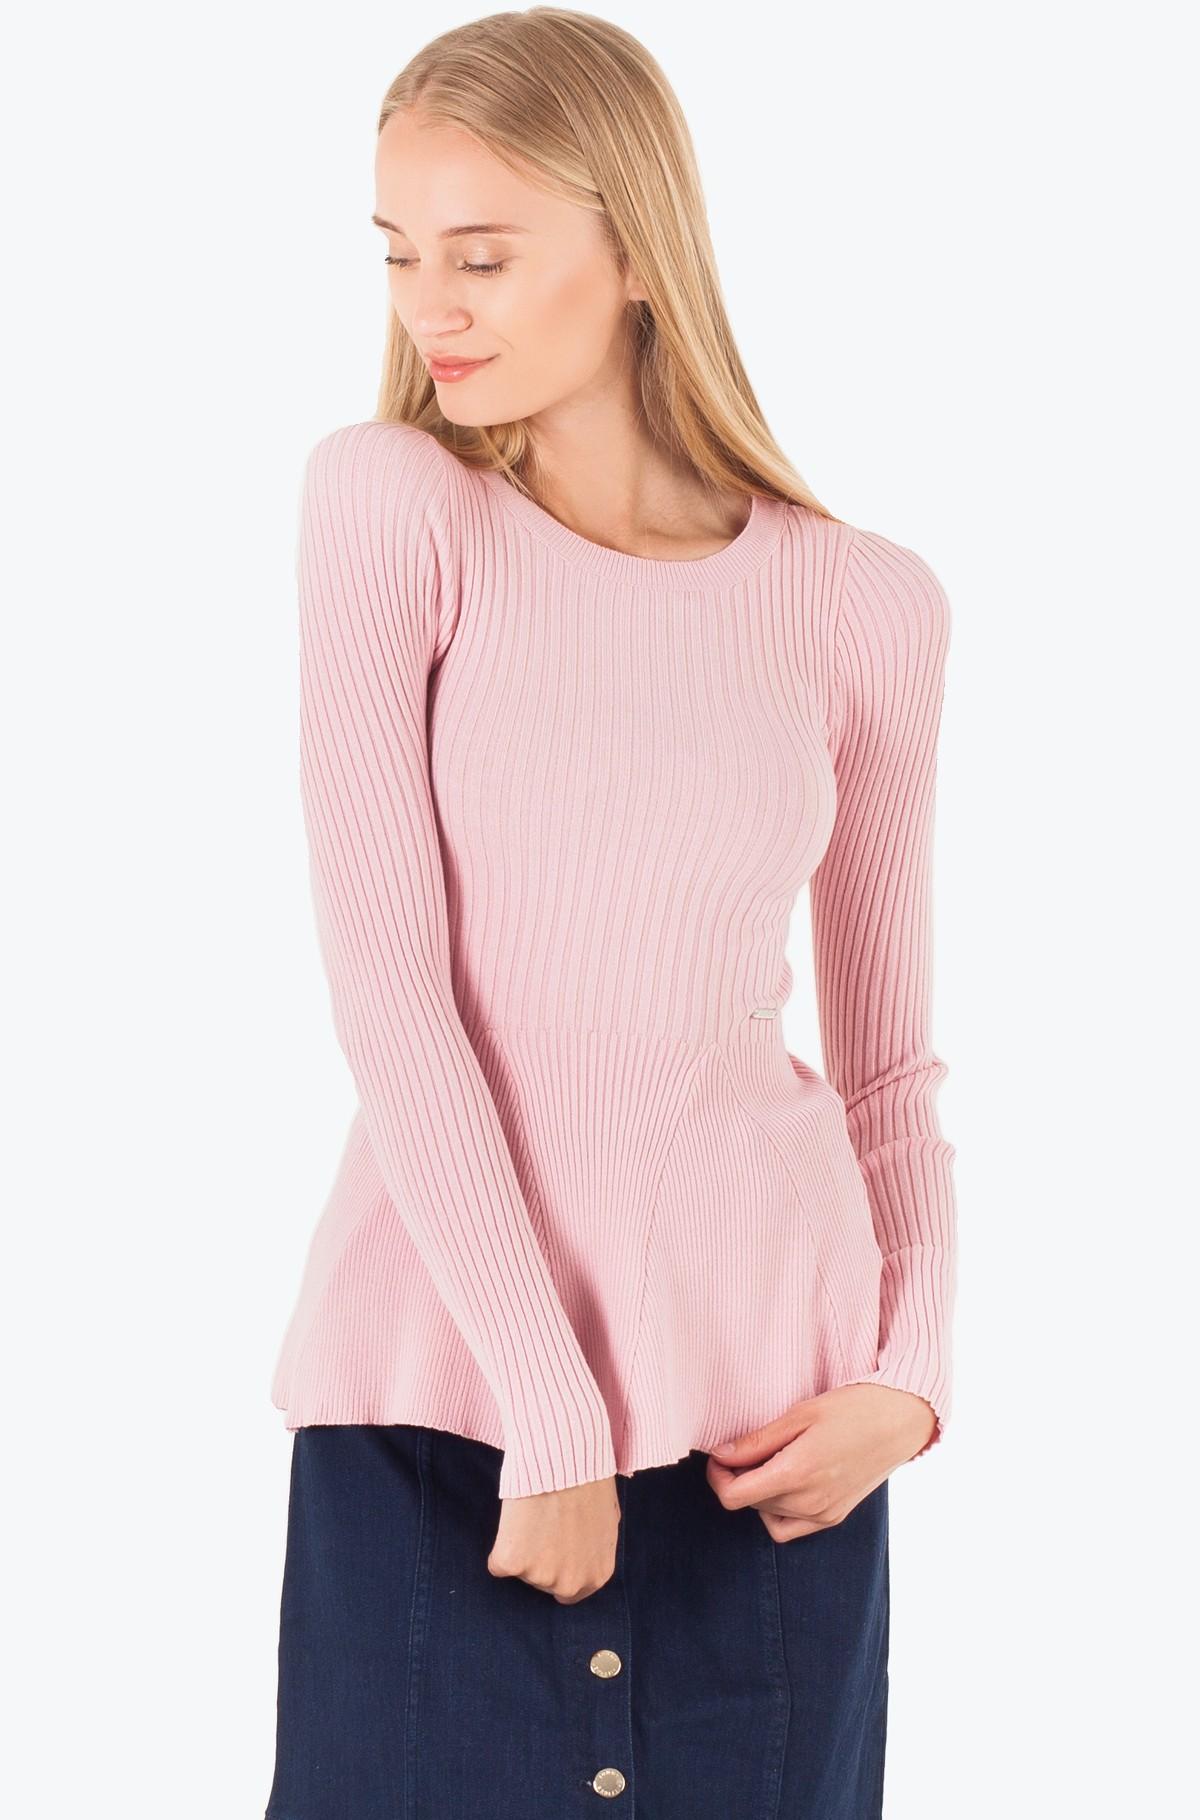 Sweater W64R2B-full-1